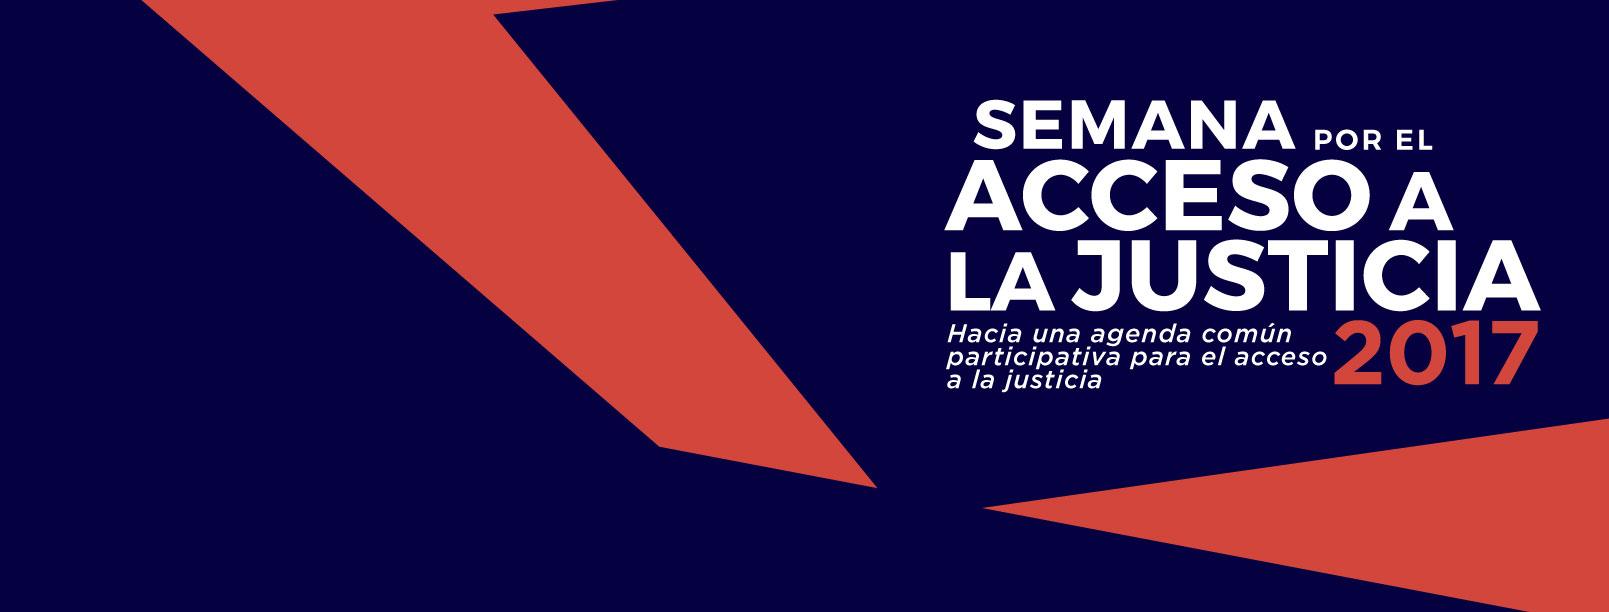 Semana por el Acceso a la Justicia – 2017